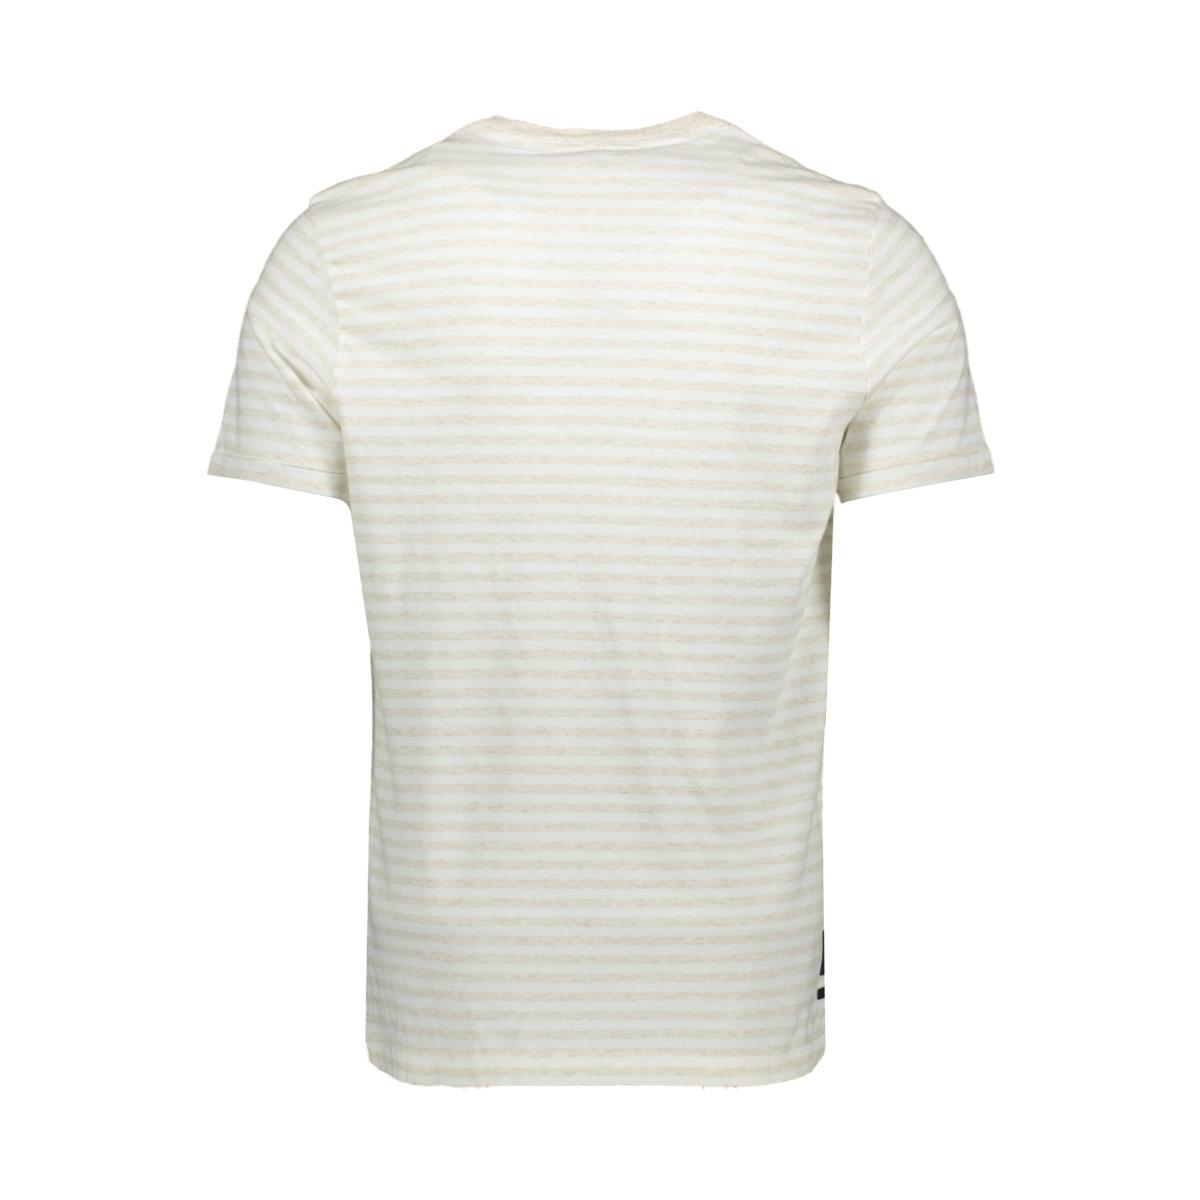 shortsleeve t shirt ptss195564 pme legend t-shirt 7003